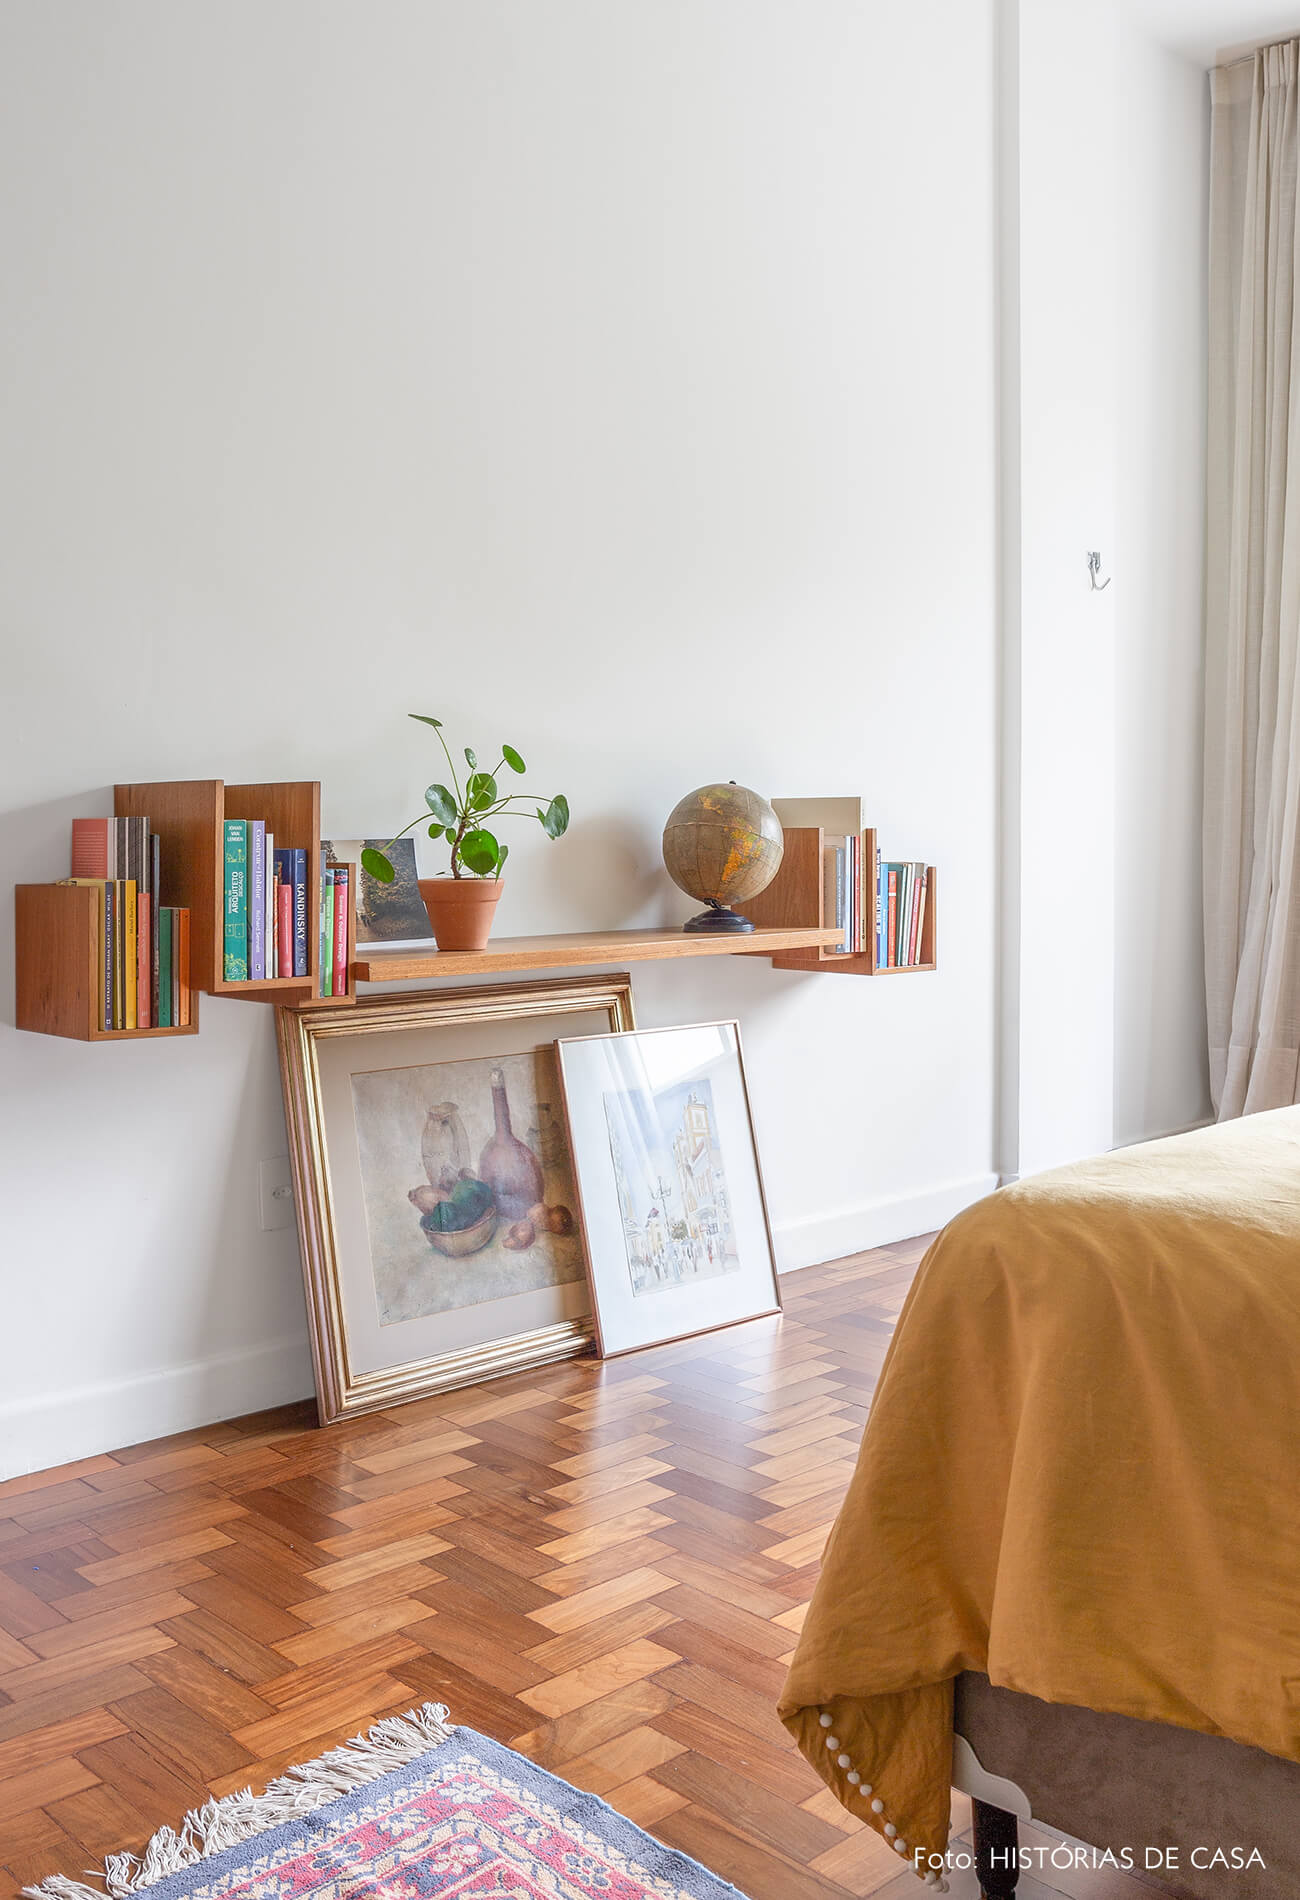 decoração quarto com prateleira de madeira e quadros no chão